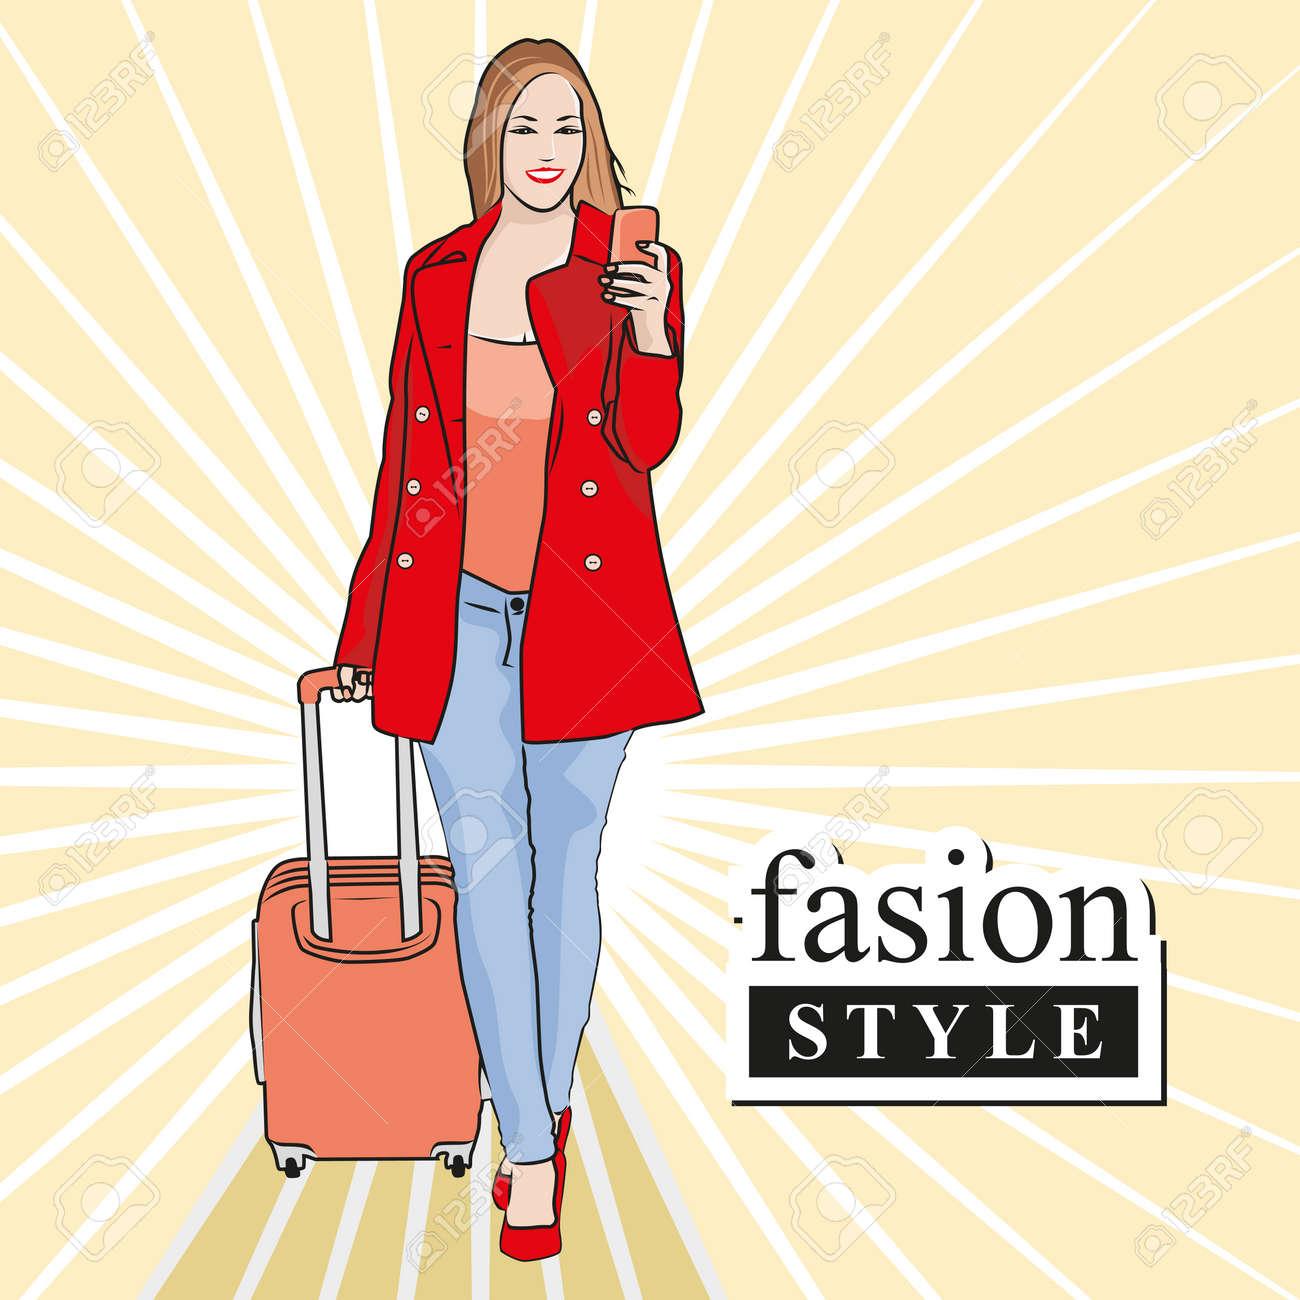 b6c2f2180475 Hermosa mujer de moda comprar cosas con estilo. ilustración vectorial de  diseño gráfico.